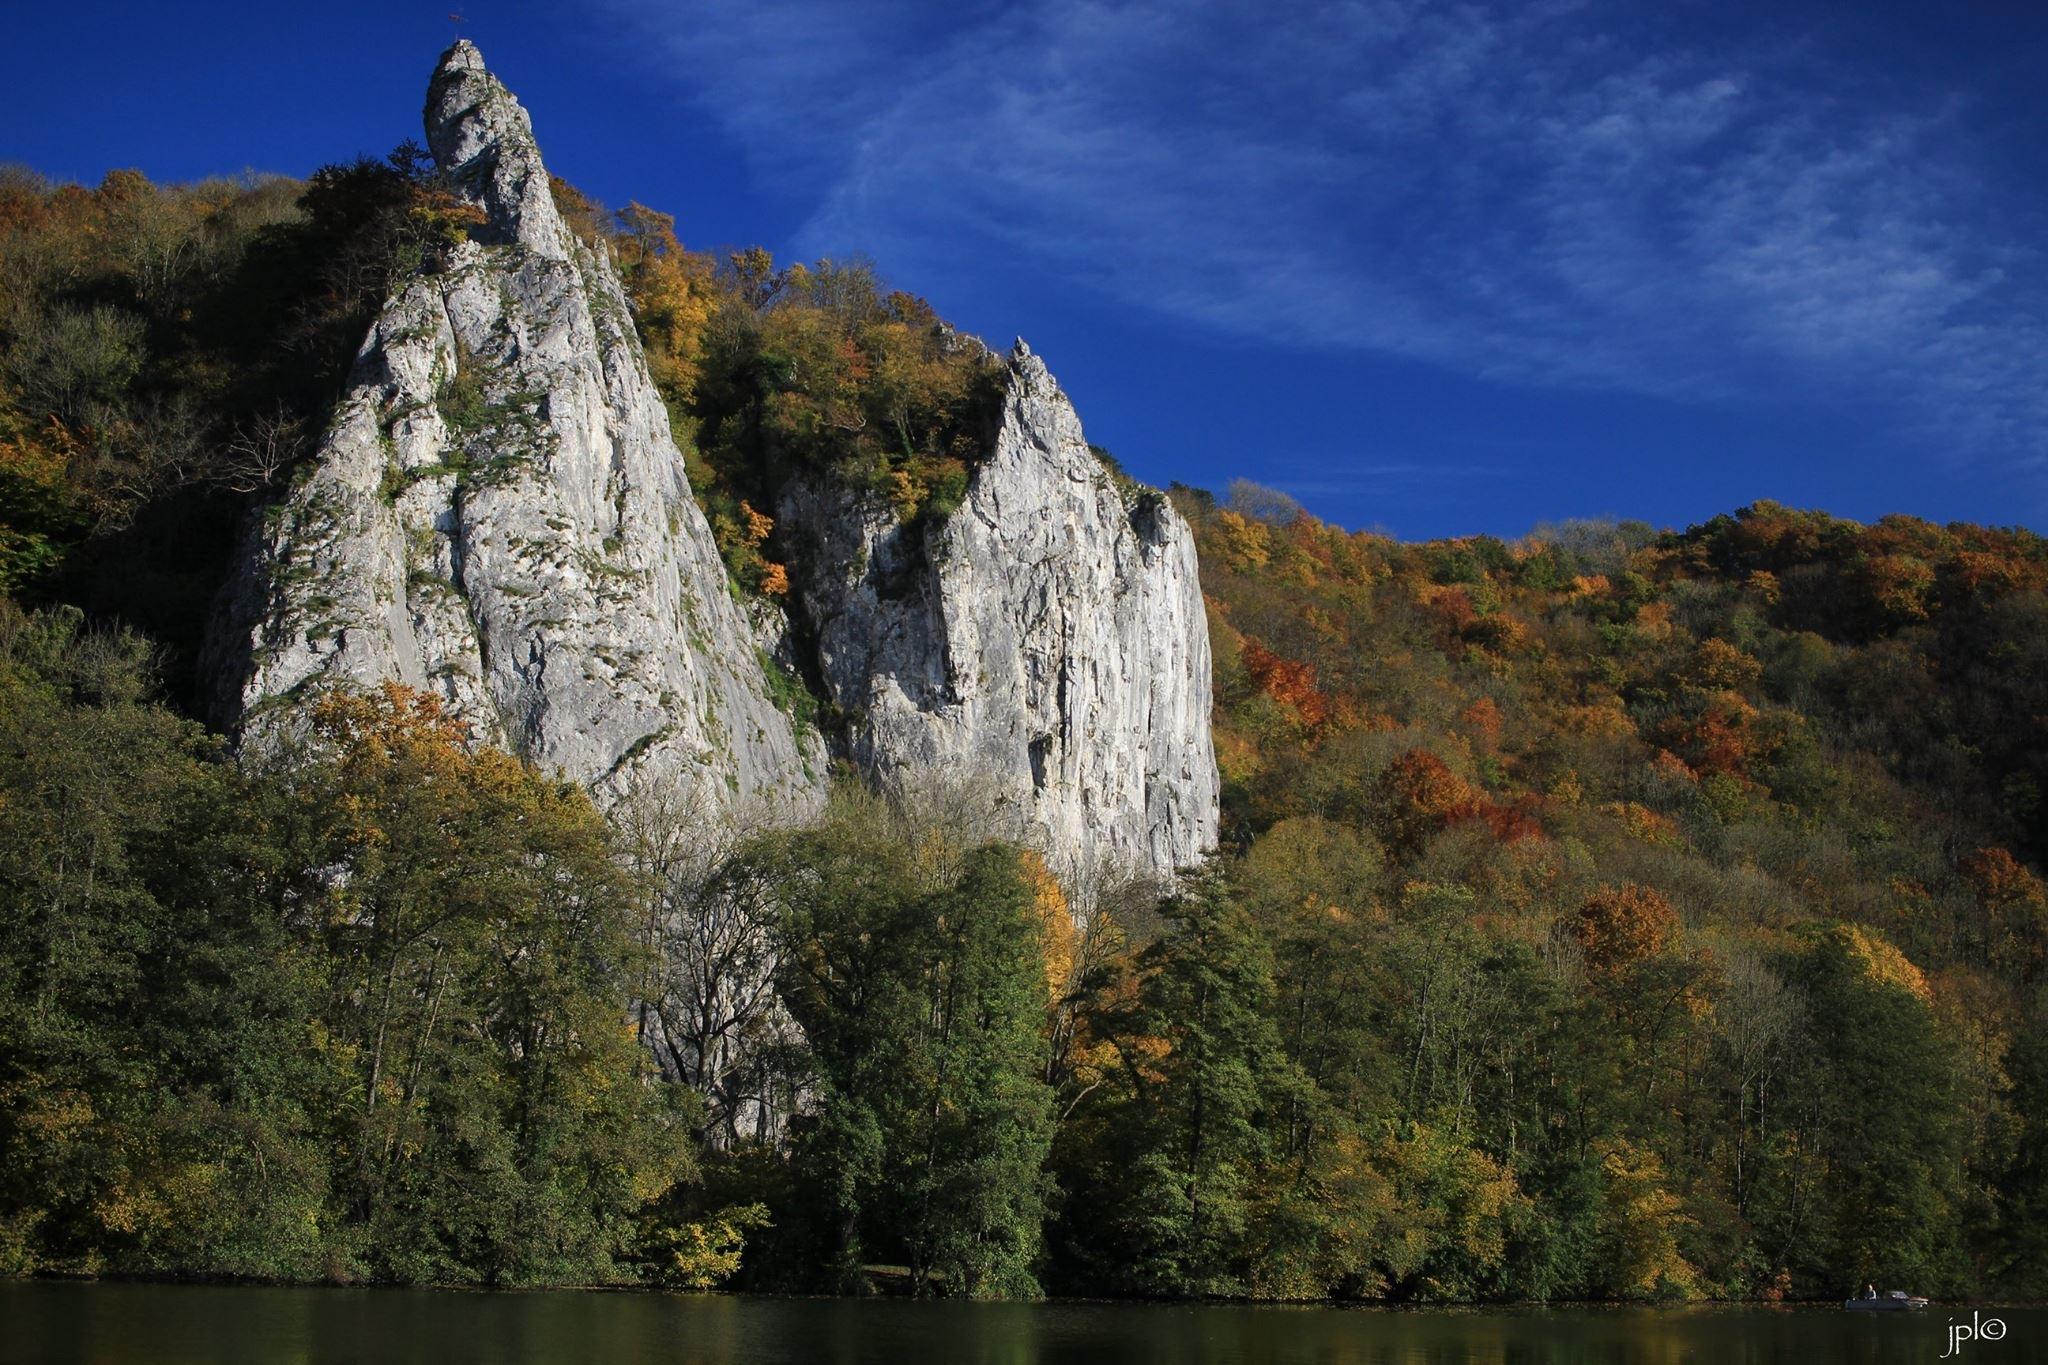 Roc de Meuse by jplognoul